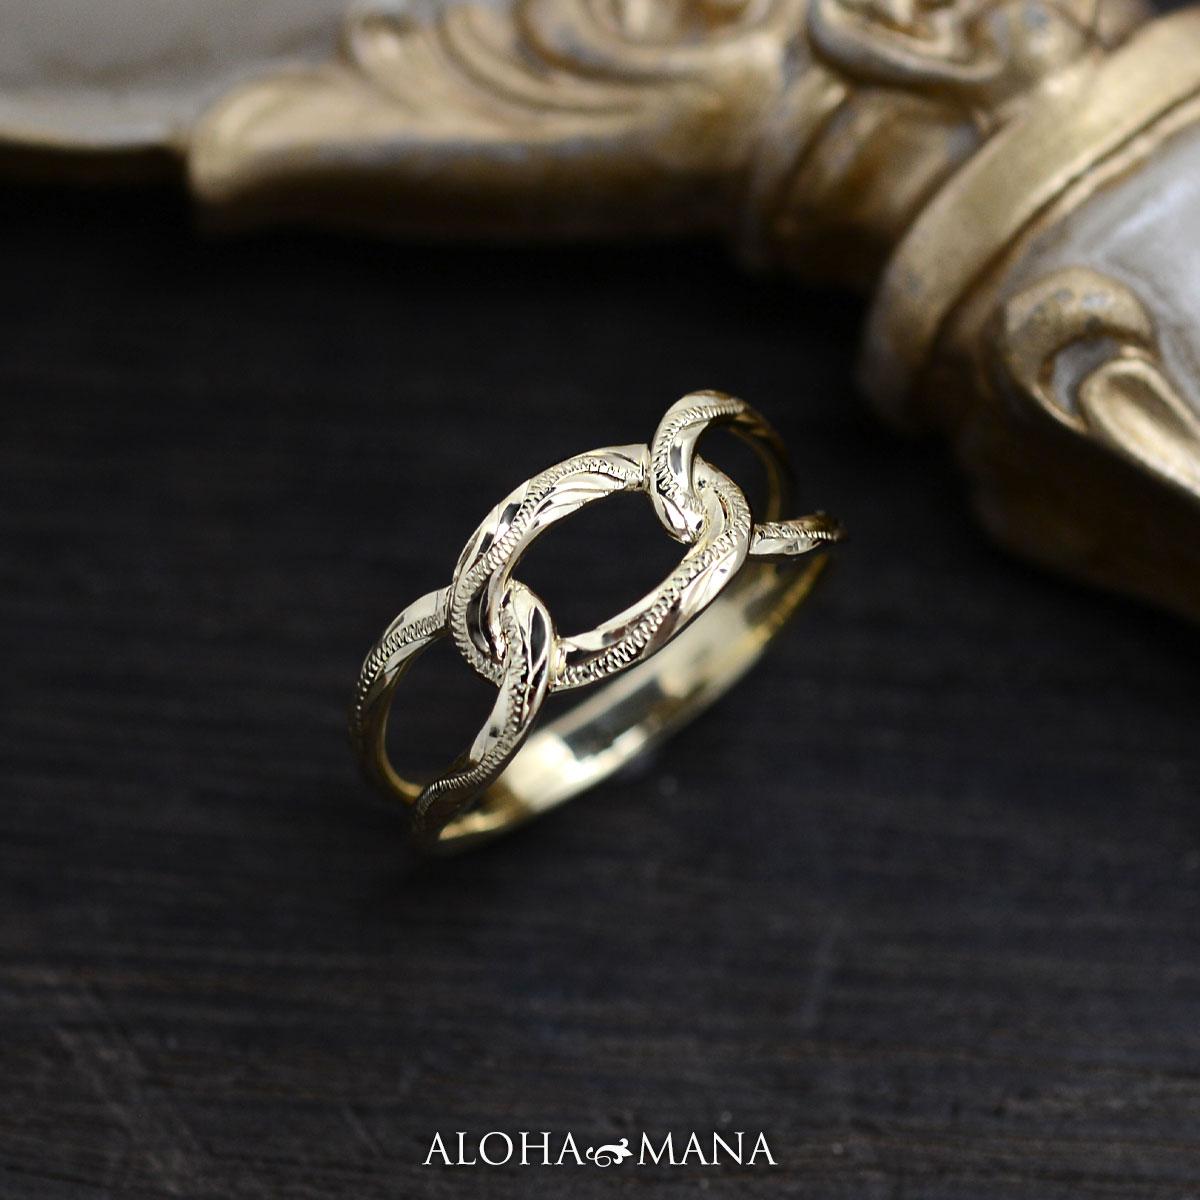 ハワイアンジュエリー リング 指輪 K10 ゴールド チェーンスクロール リング 10金 10K ゴールド イエローゴールド ari1603ac/新作